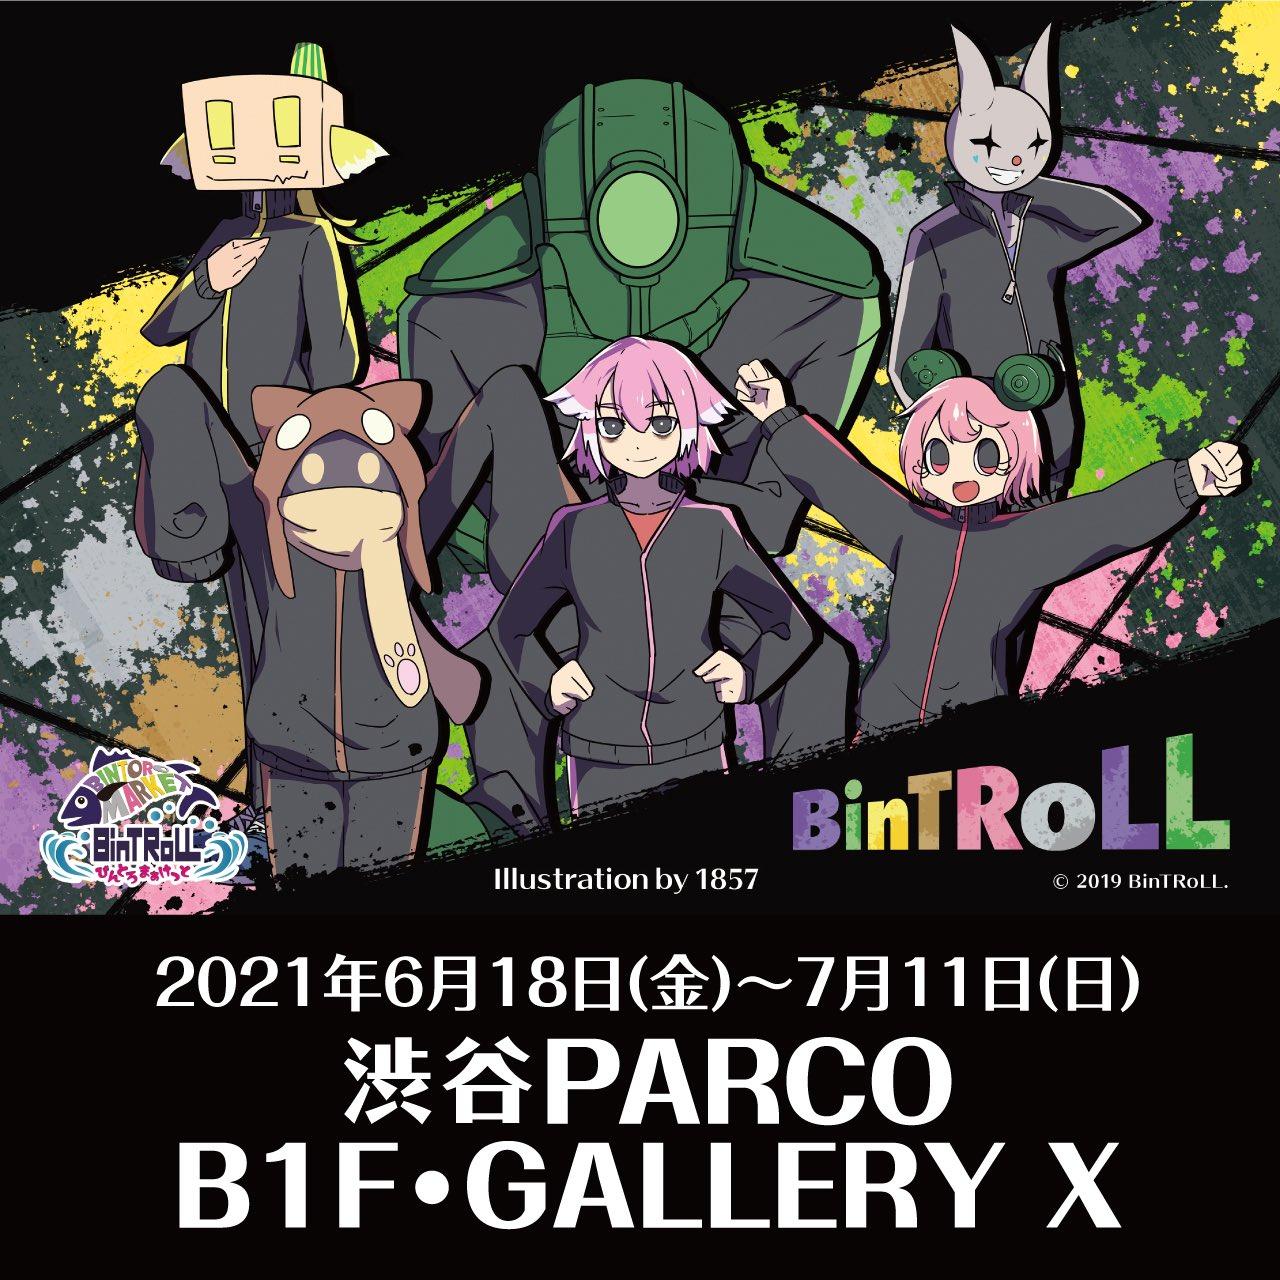 6/30(水)入場予約チケット(先着・無料) BinTRoLL『びんとろまぁけっと』in 渋谷PARCO